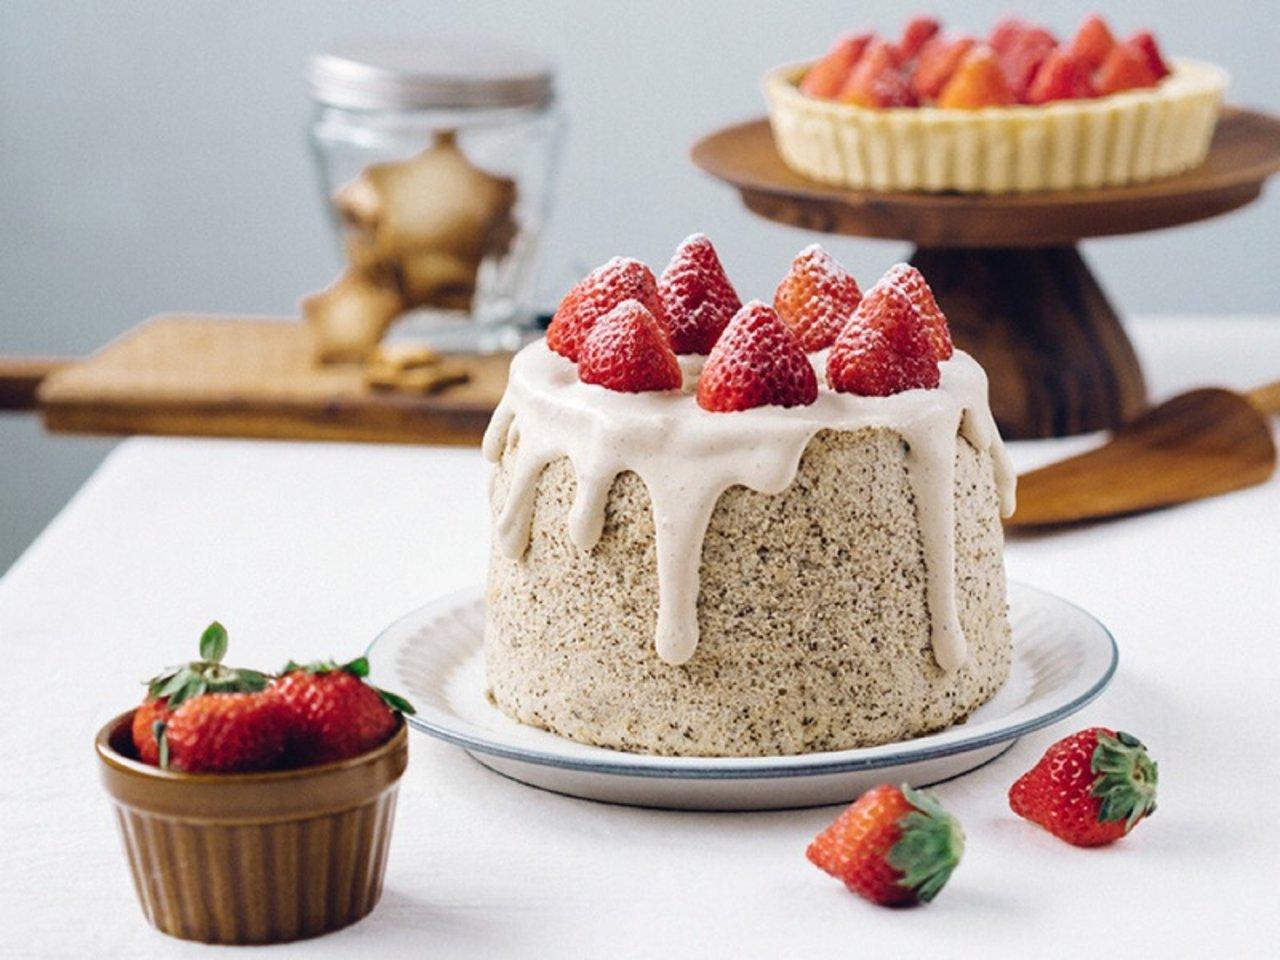 当草莓遇到奶茶 | 草莓伯爵奶茶戚风蛋糕,奶茶控的最爱✨